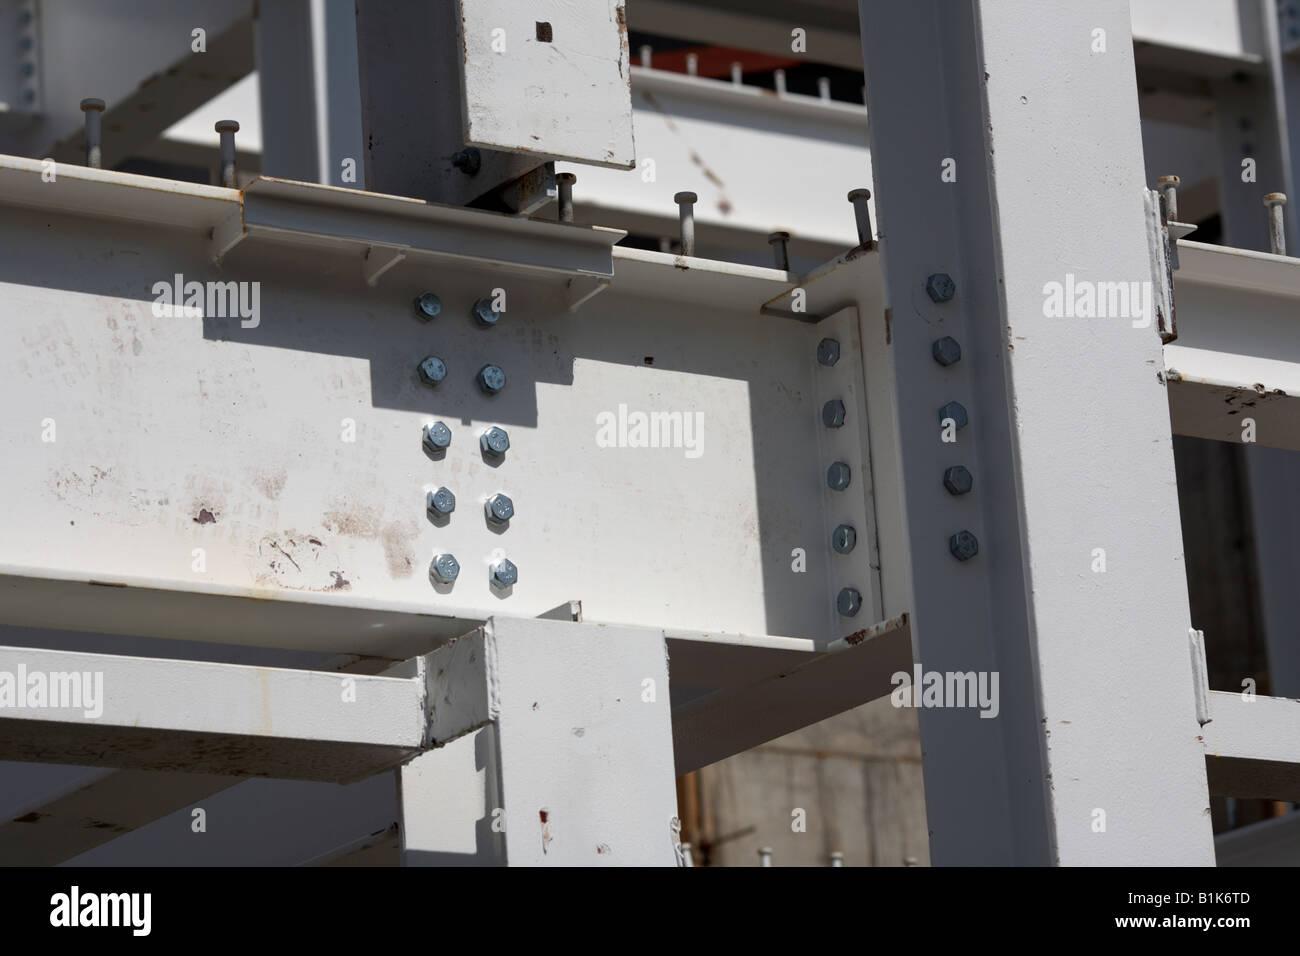 Je bars métal boulonnées ensemble pour faire le cadre en acier d'un bâtiment de l'Irlande Photo Stock